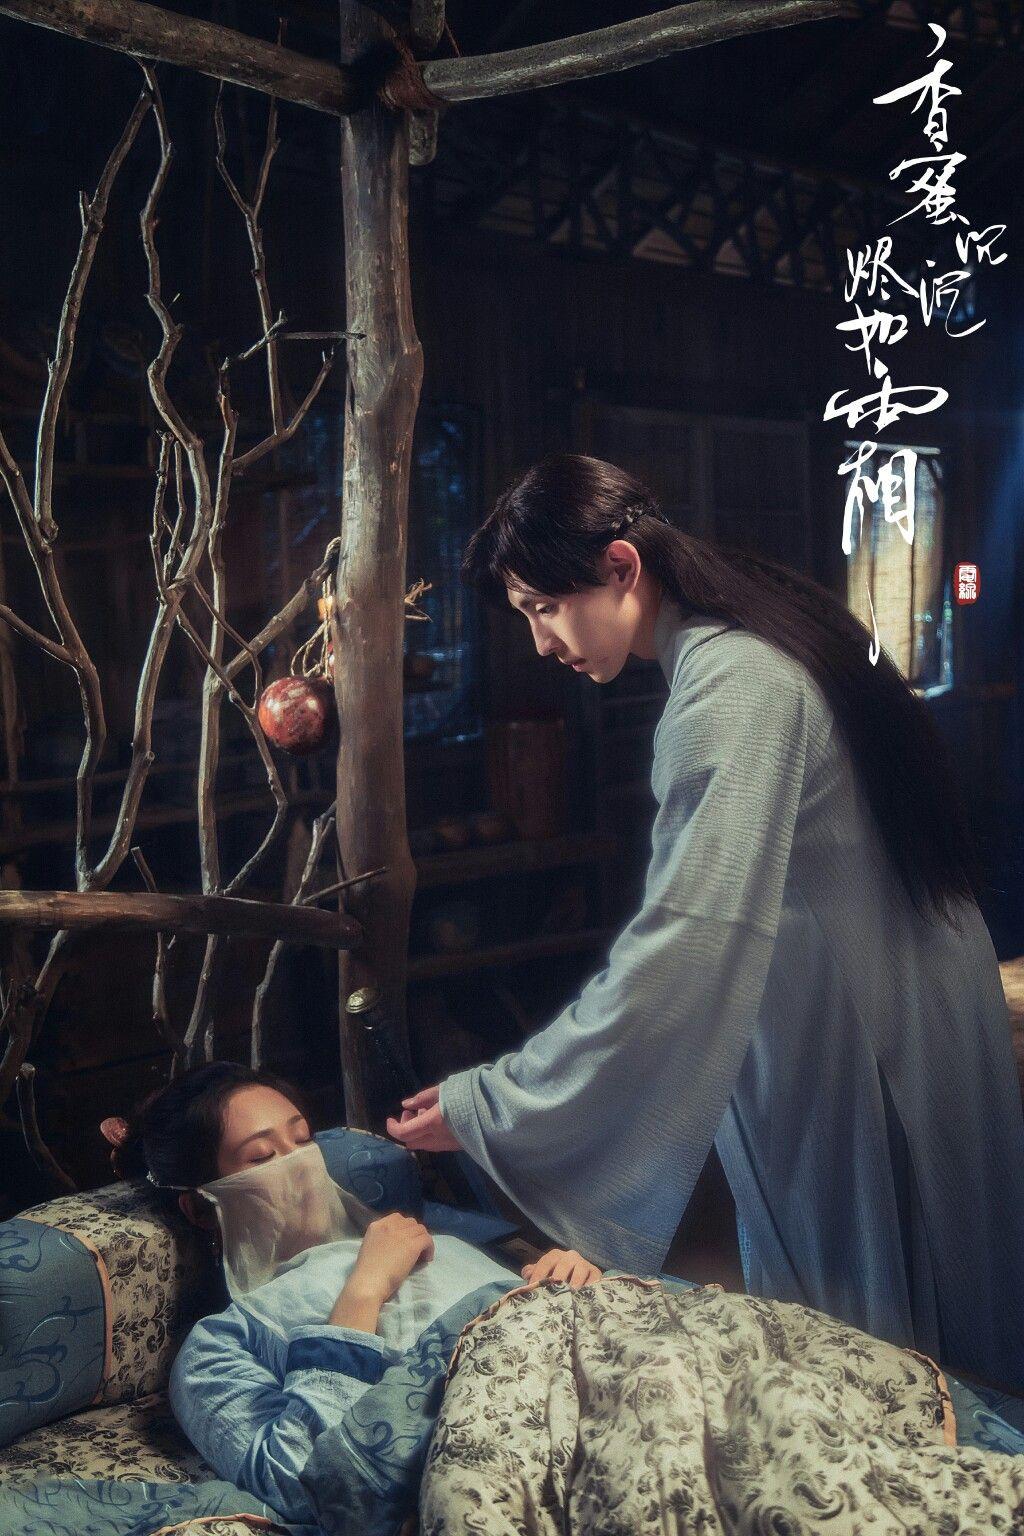 Heavy Sweetness, Ashlike Frost 《香蜜沉沉烬如霜》 Yang Zi, Deng